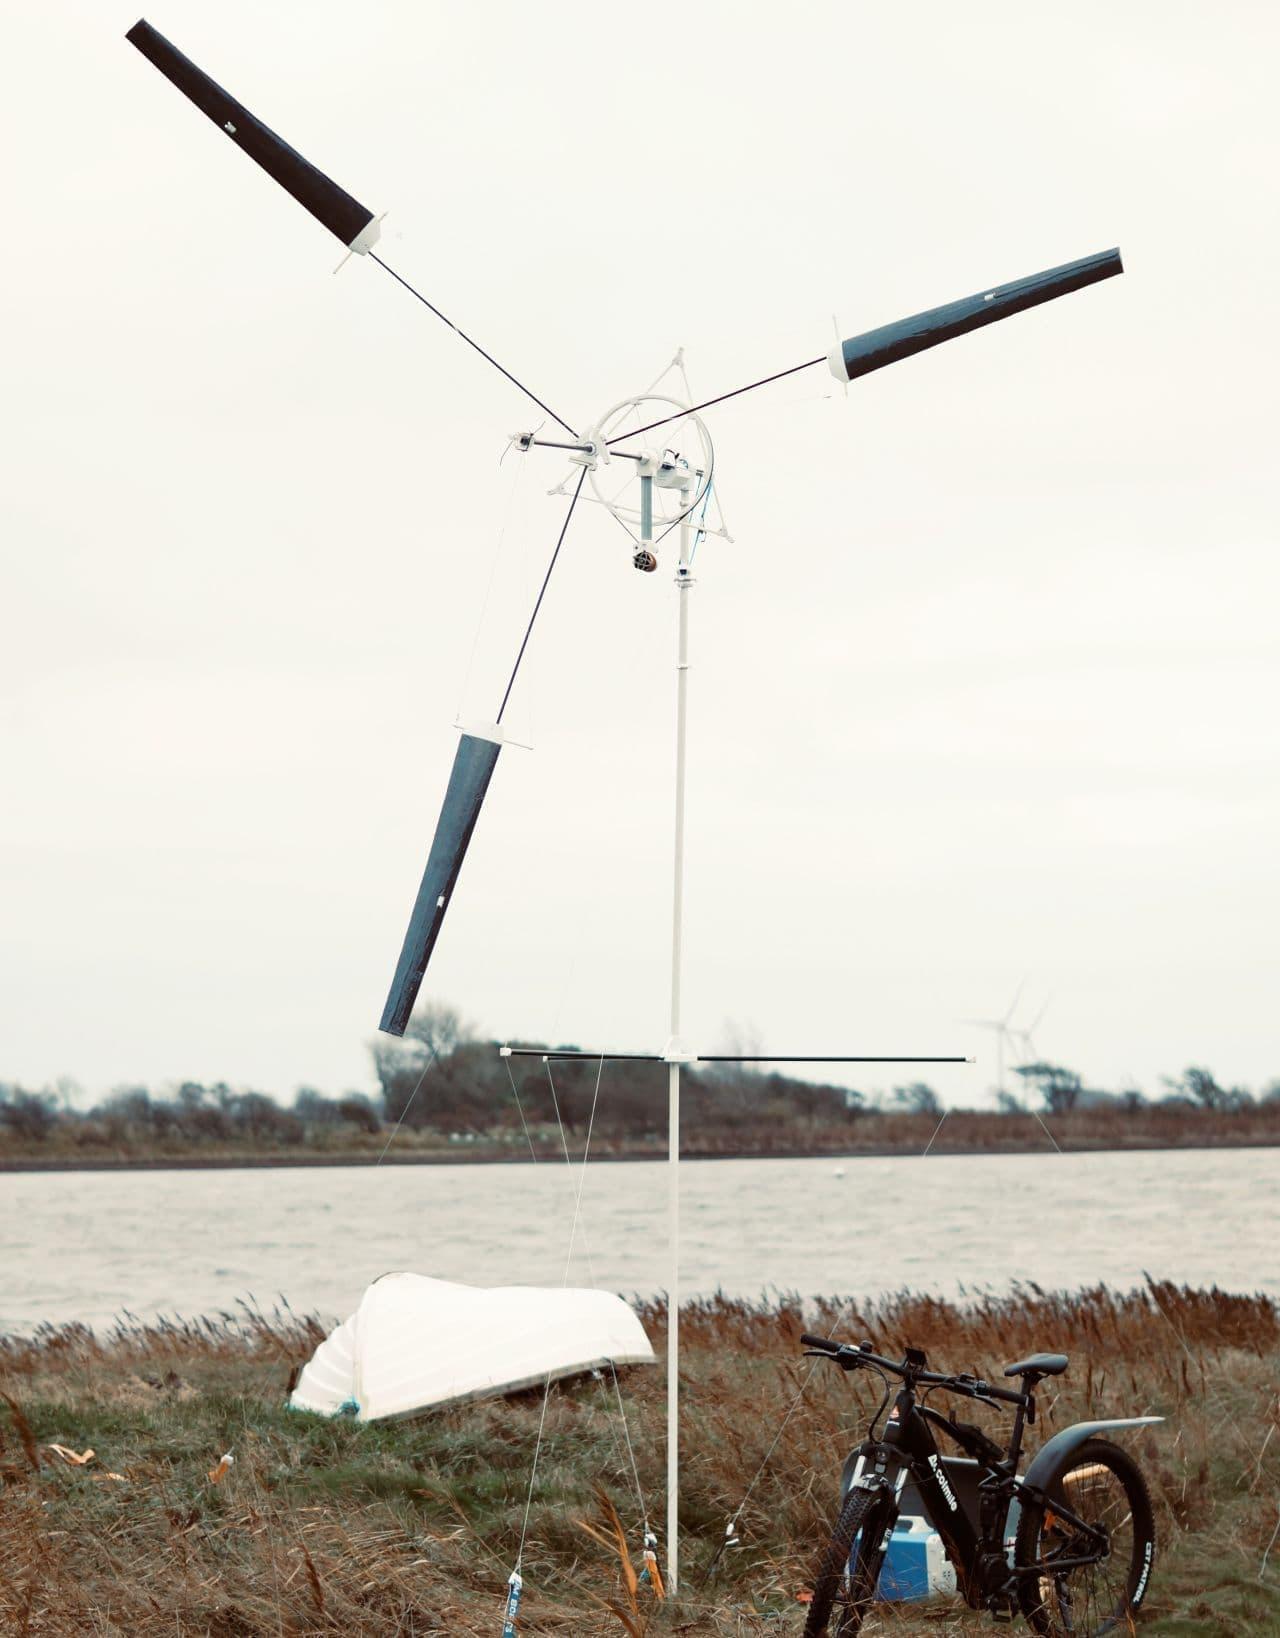 【キャンプをオール電化】15分で設営できるポータブル風力発電機「ウインド キャッチャー」